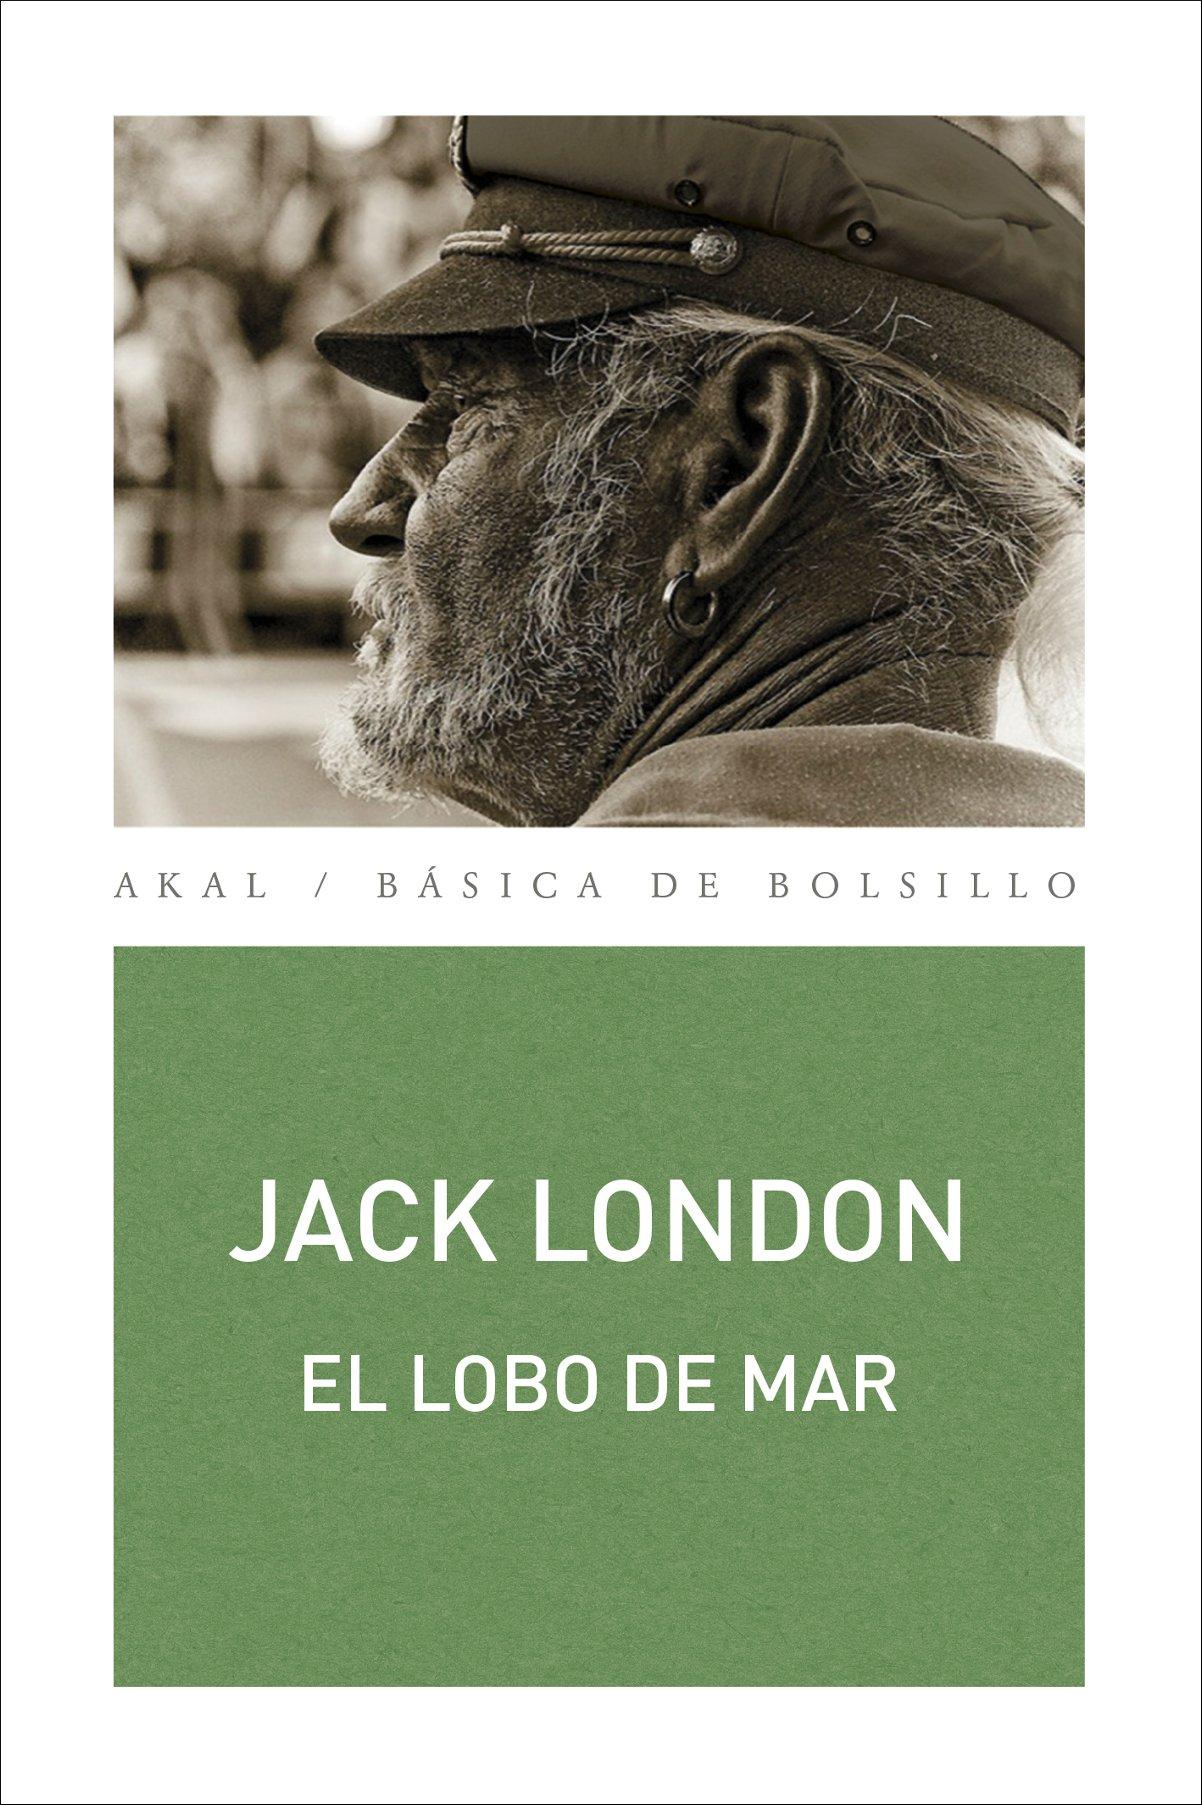 El lobo de mar: 313 Básica de Bolsillo – Serie Clásicos de la literatura inglesa: Amazon.es: London, Jack, Desconocido: Libros